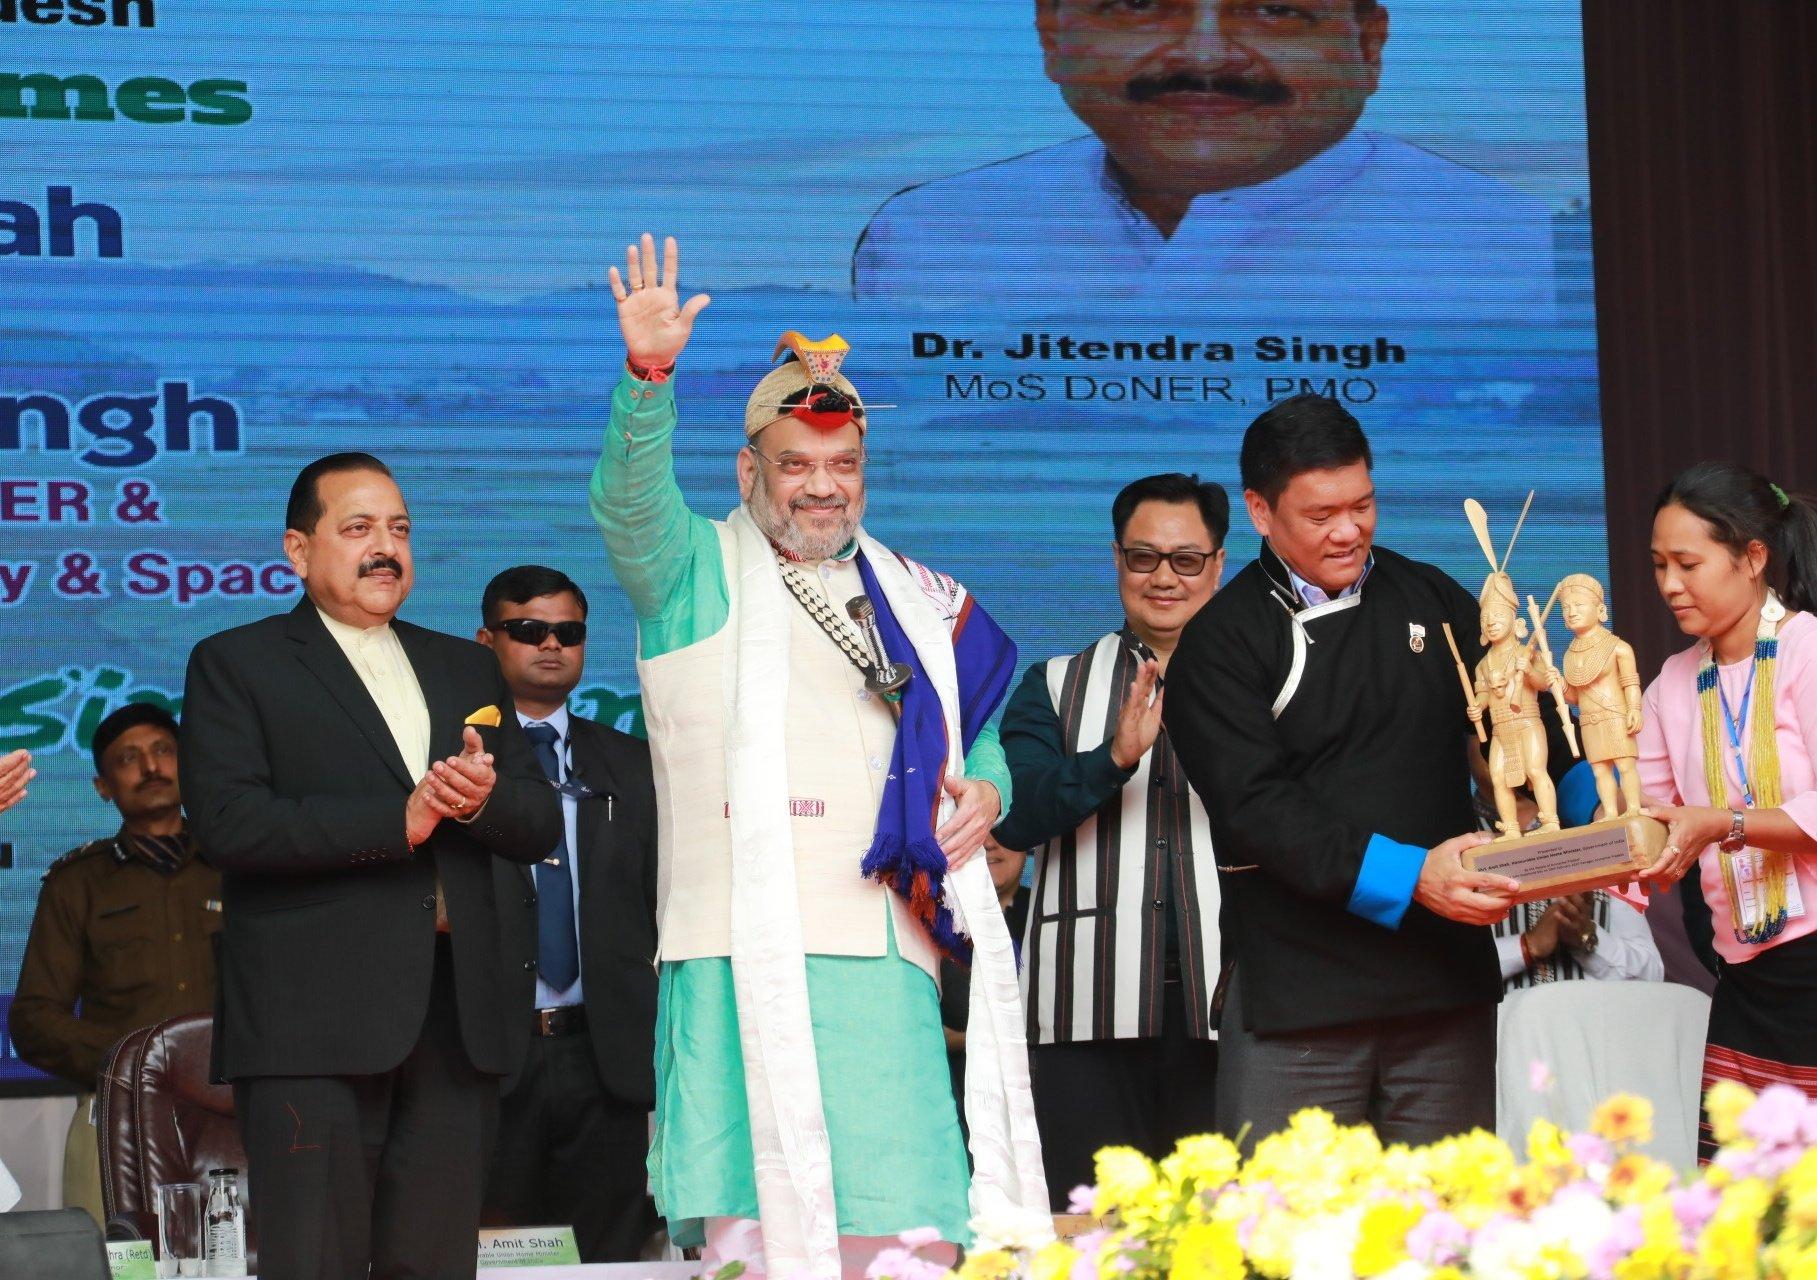 اروناچل پردیش کے دورے پر مرکزی وزیر داخلہ امت شاہ (فوٹوبشکریہ ٹوئٹر)